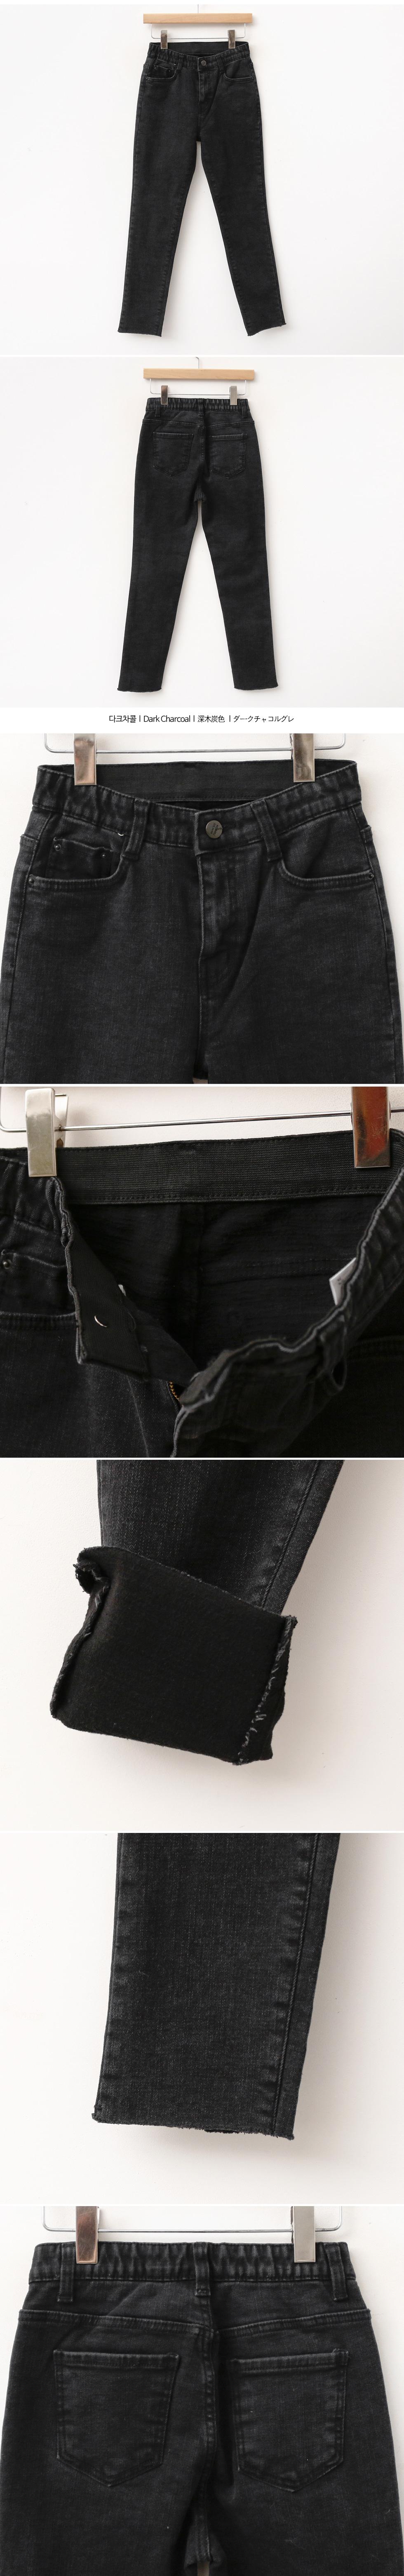 Geuraeng Black Denim Fleece-lined pants